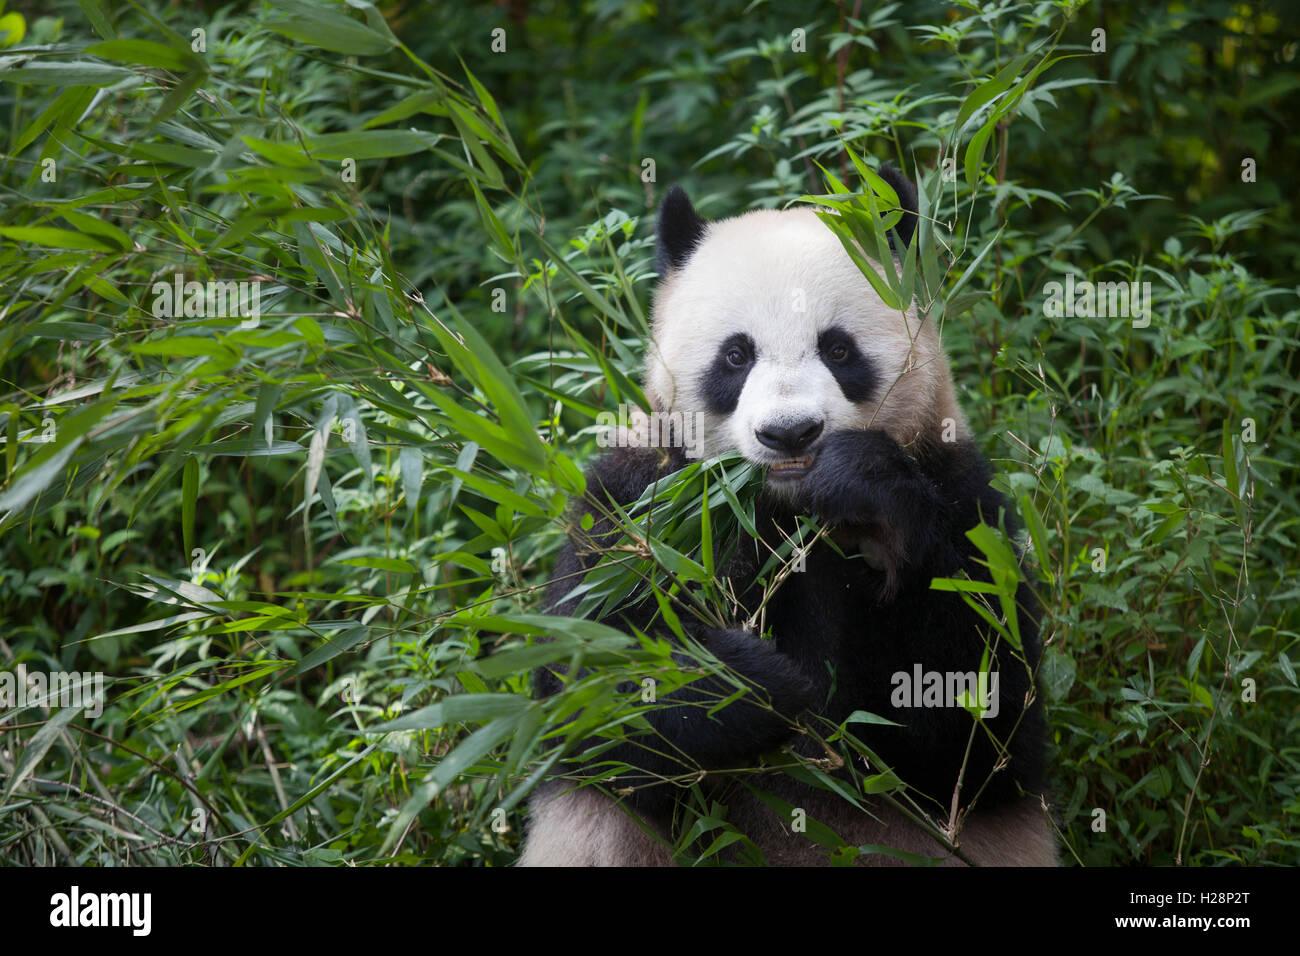 Oso Panda está comiendo hojas de bambú en la Reserva Nacional de Bifengxia Panda en Sichuan, China Imagen De Stock